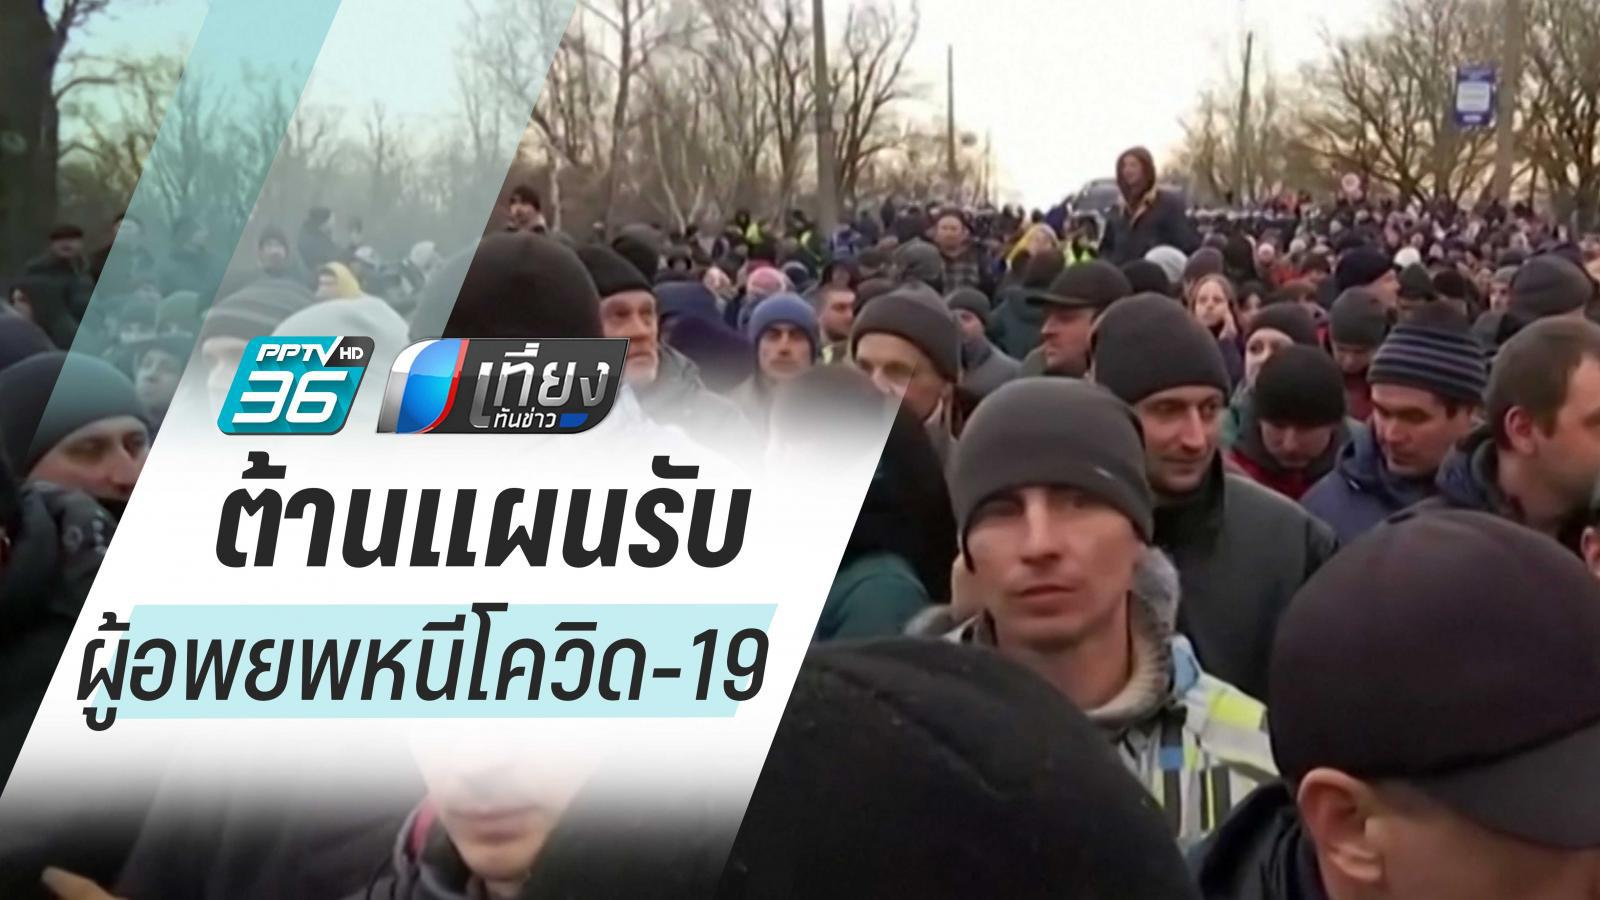 ชาวยูเครนประท้วงต้านแผนรับผู้อพยพหนีไวรัสโควิด-19 จากจีน